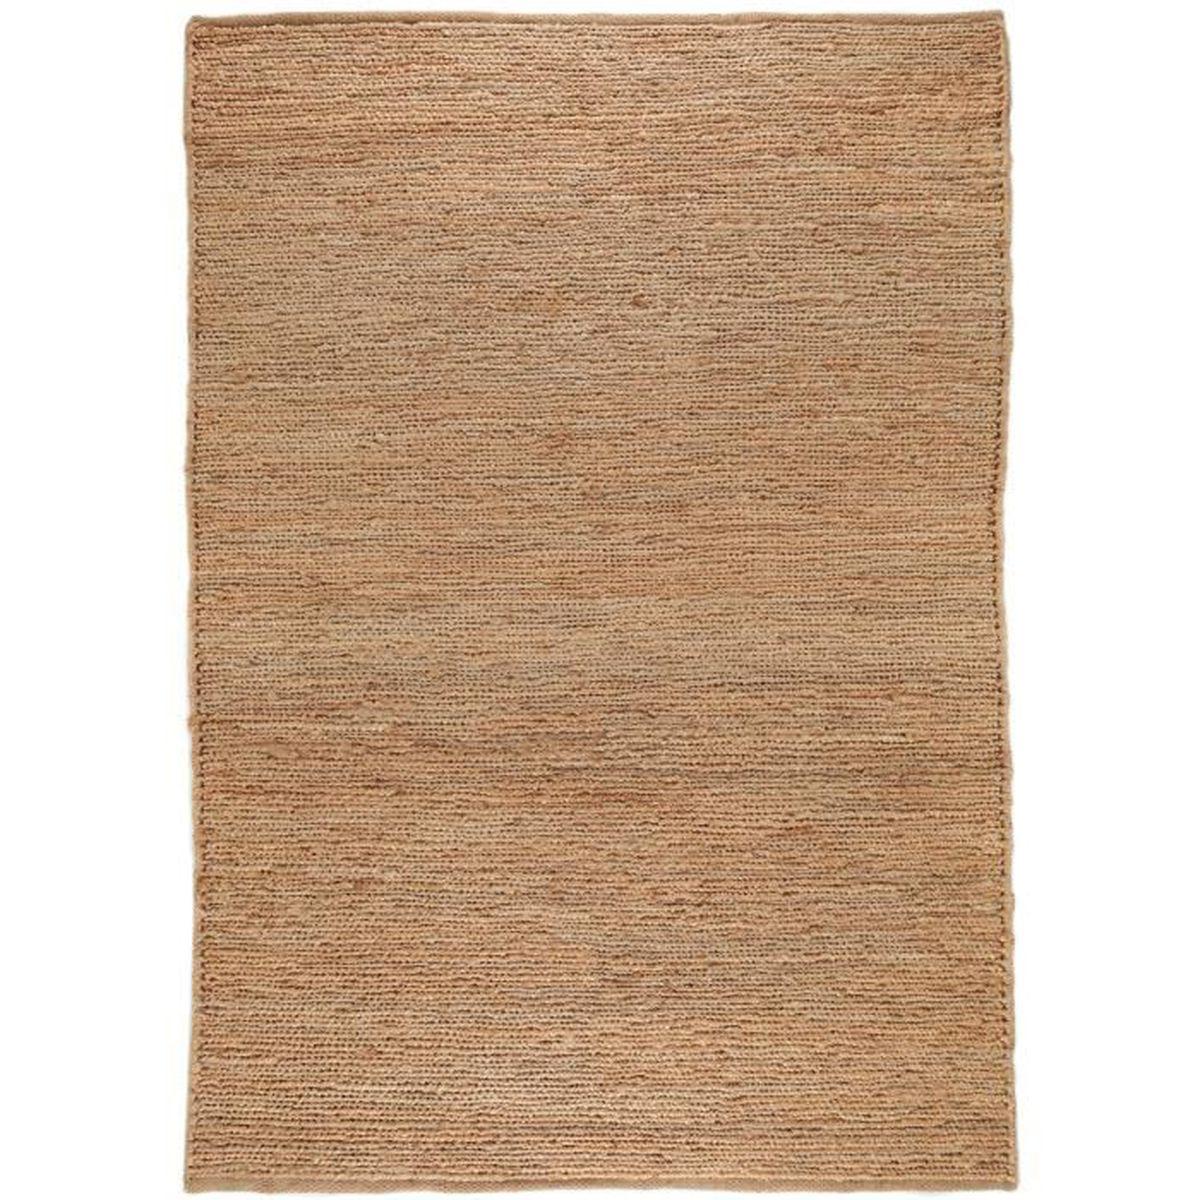 Grand tapis shaggy 200x140 cm - design Helsinki - couleur marron clair